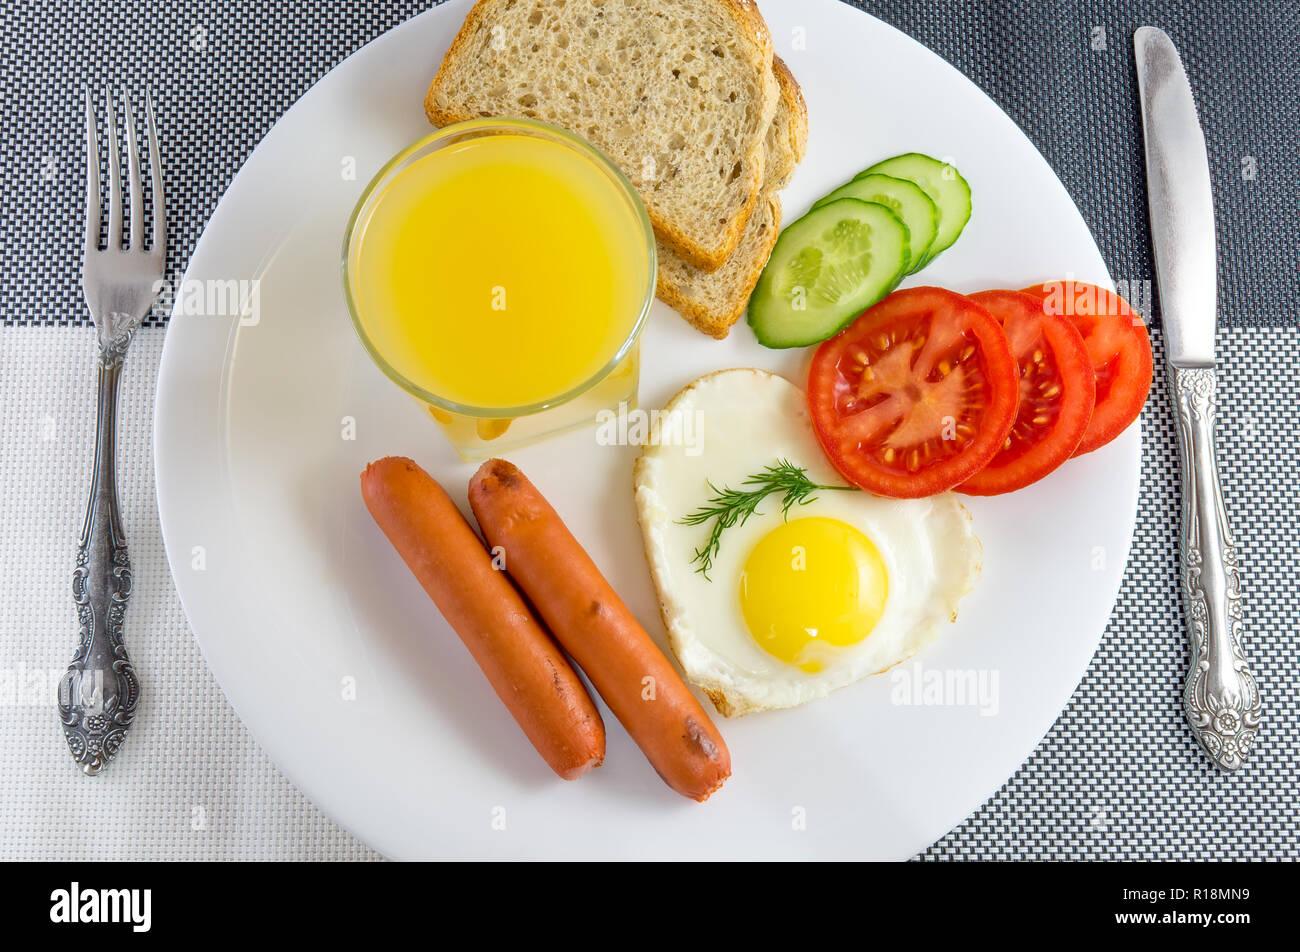 Le petit-déjeuner sur une table dans un œuf frit saucisses frites en forme de cœur, des tranches de légumes concombres et tomates, jus, pain de mie, couteau et fourchette, Banque D'Images